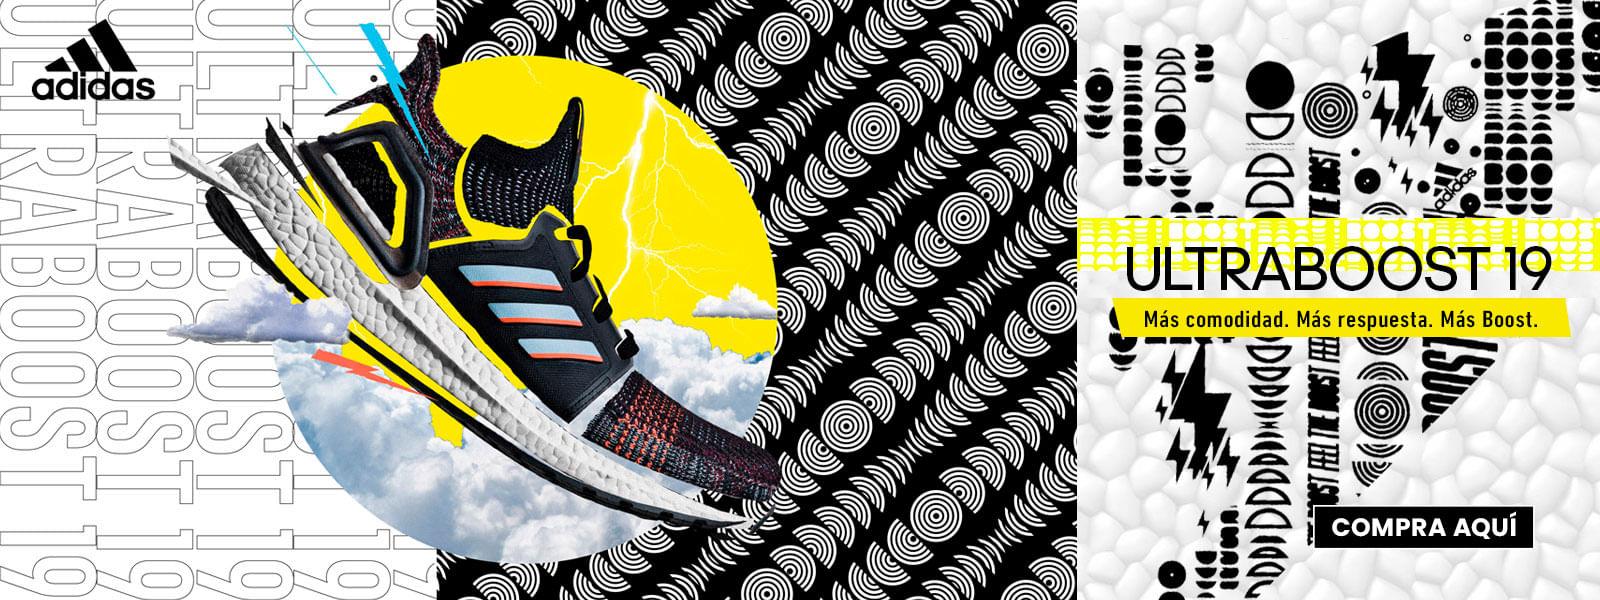 Adidas MéxicoTienda OnlineCompra Martí® OnlineCompra En Adidas MéxicoTienda En Y6f7gby